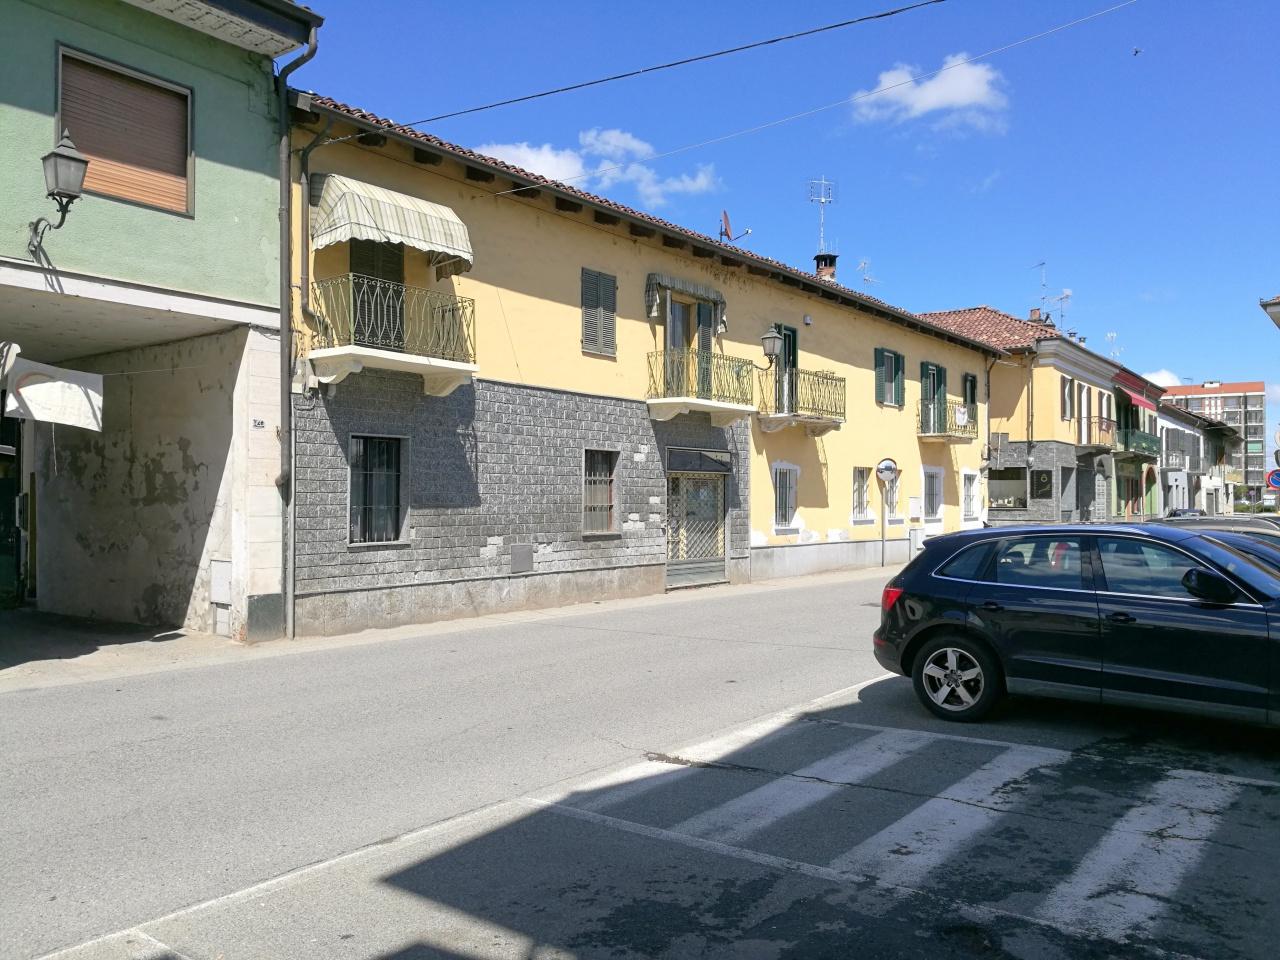 Soluzione Indipendente in vendita a Torrazza Piemonte, 10 locali, prezzo € 129.000 | PortaleAgenzieImmobiliari.it